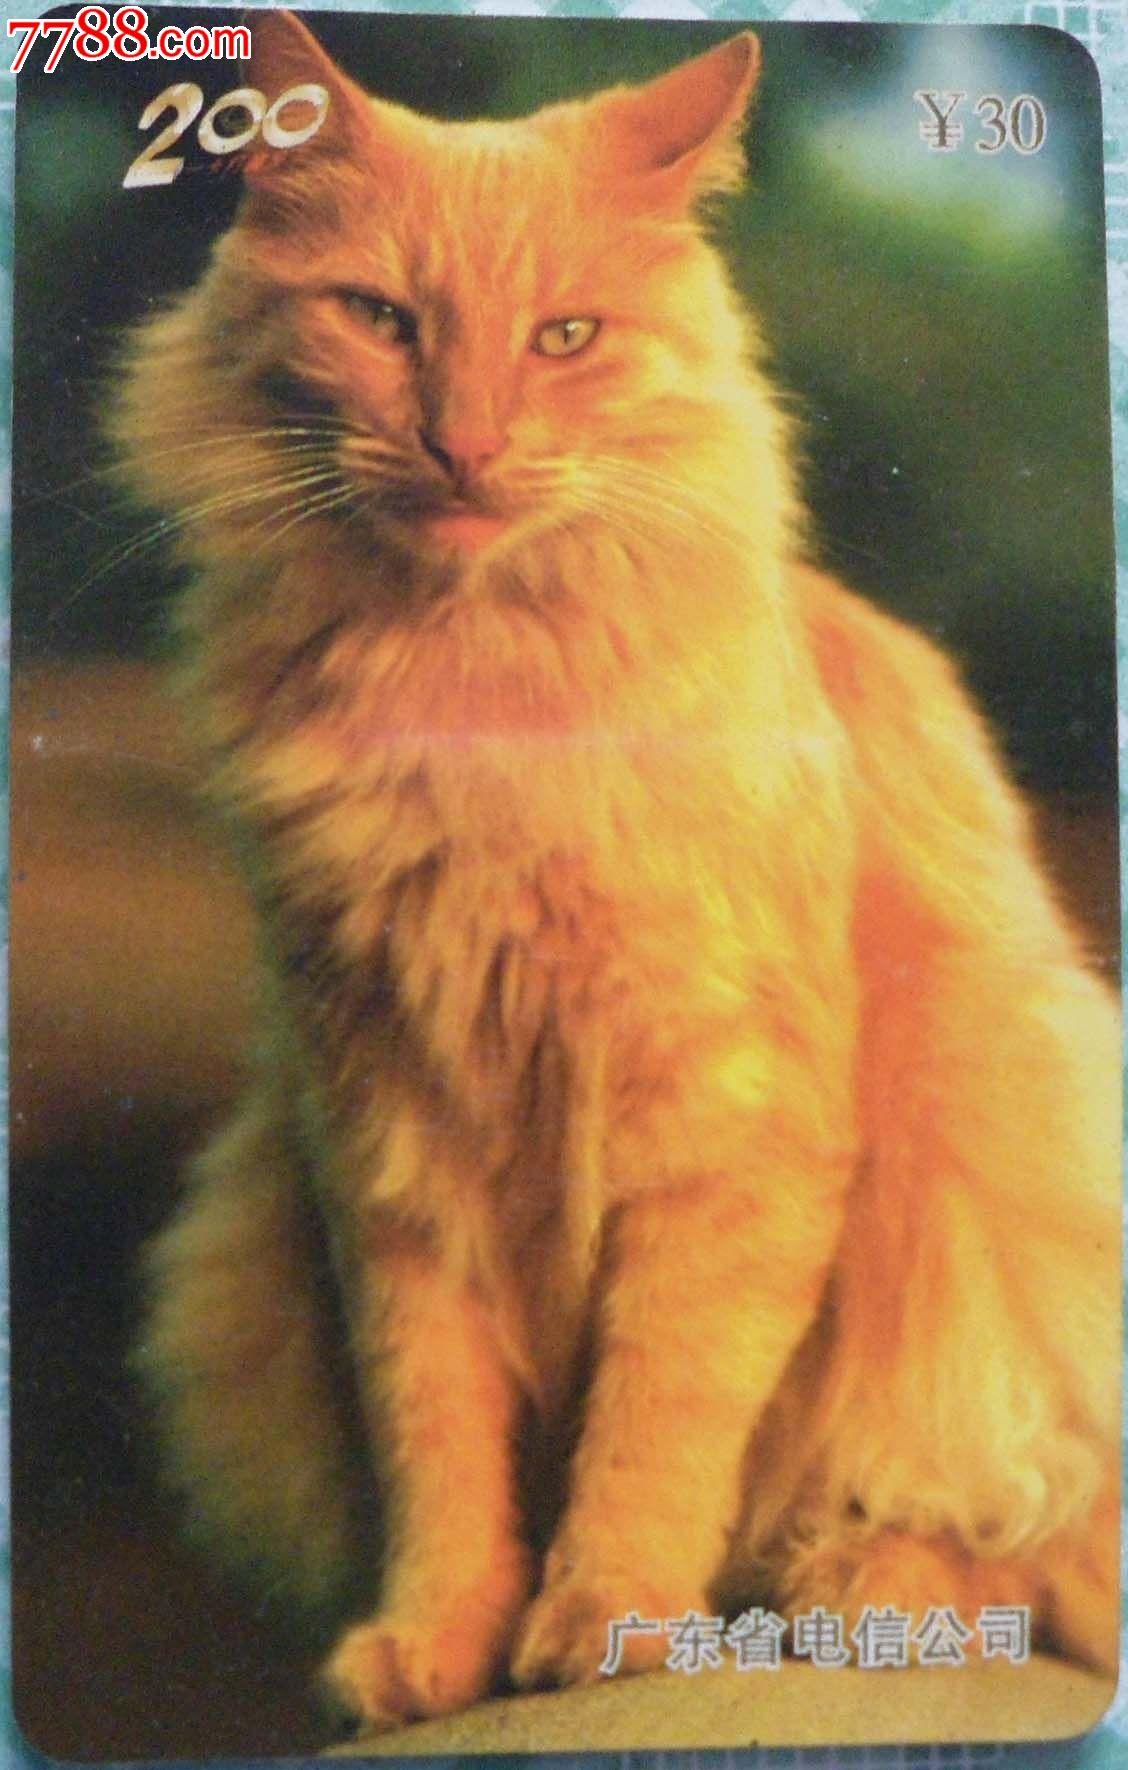 壁纸 动物 猫 猫咪 小猫 桌面 1128_1770 竖版 竖屏 手机